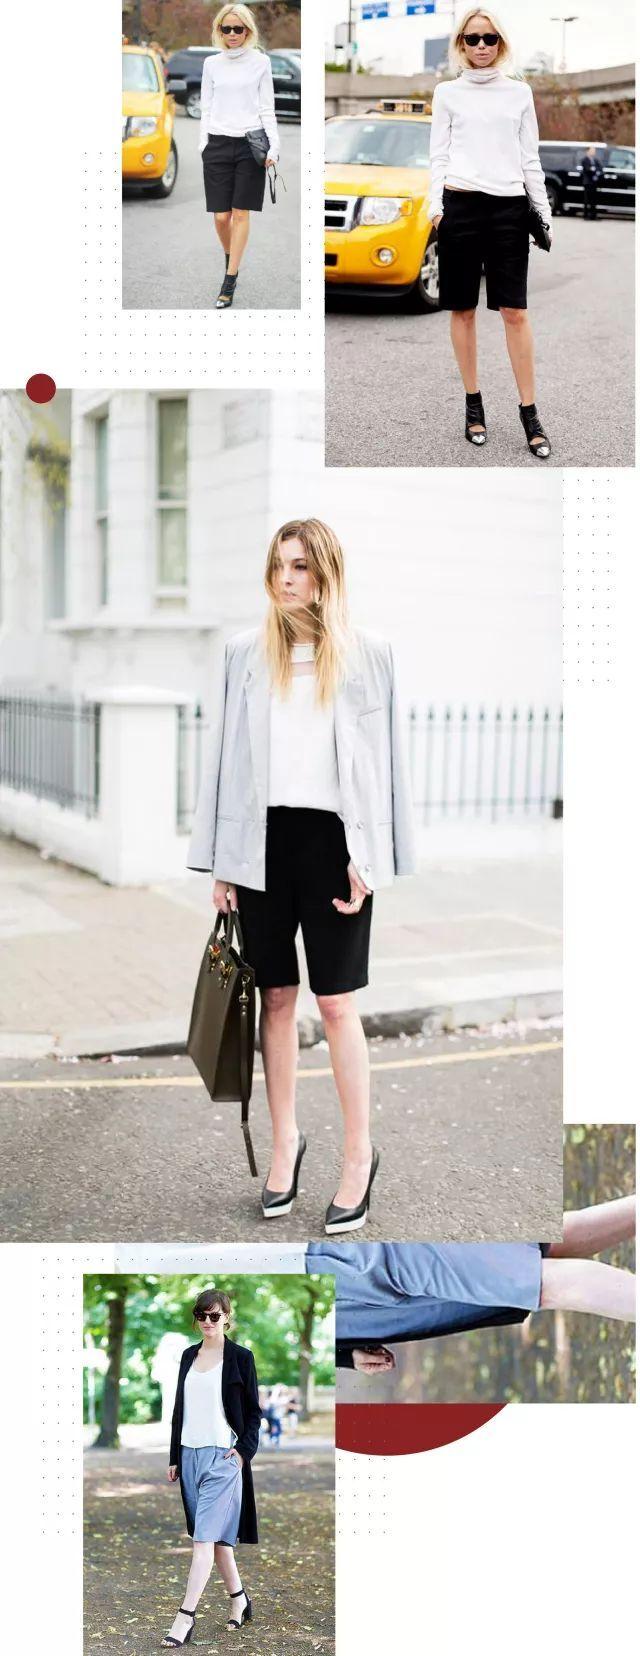 腿粗+胯大+腰圆=应该穿什么短裤?